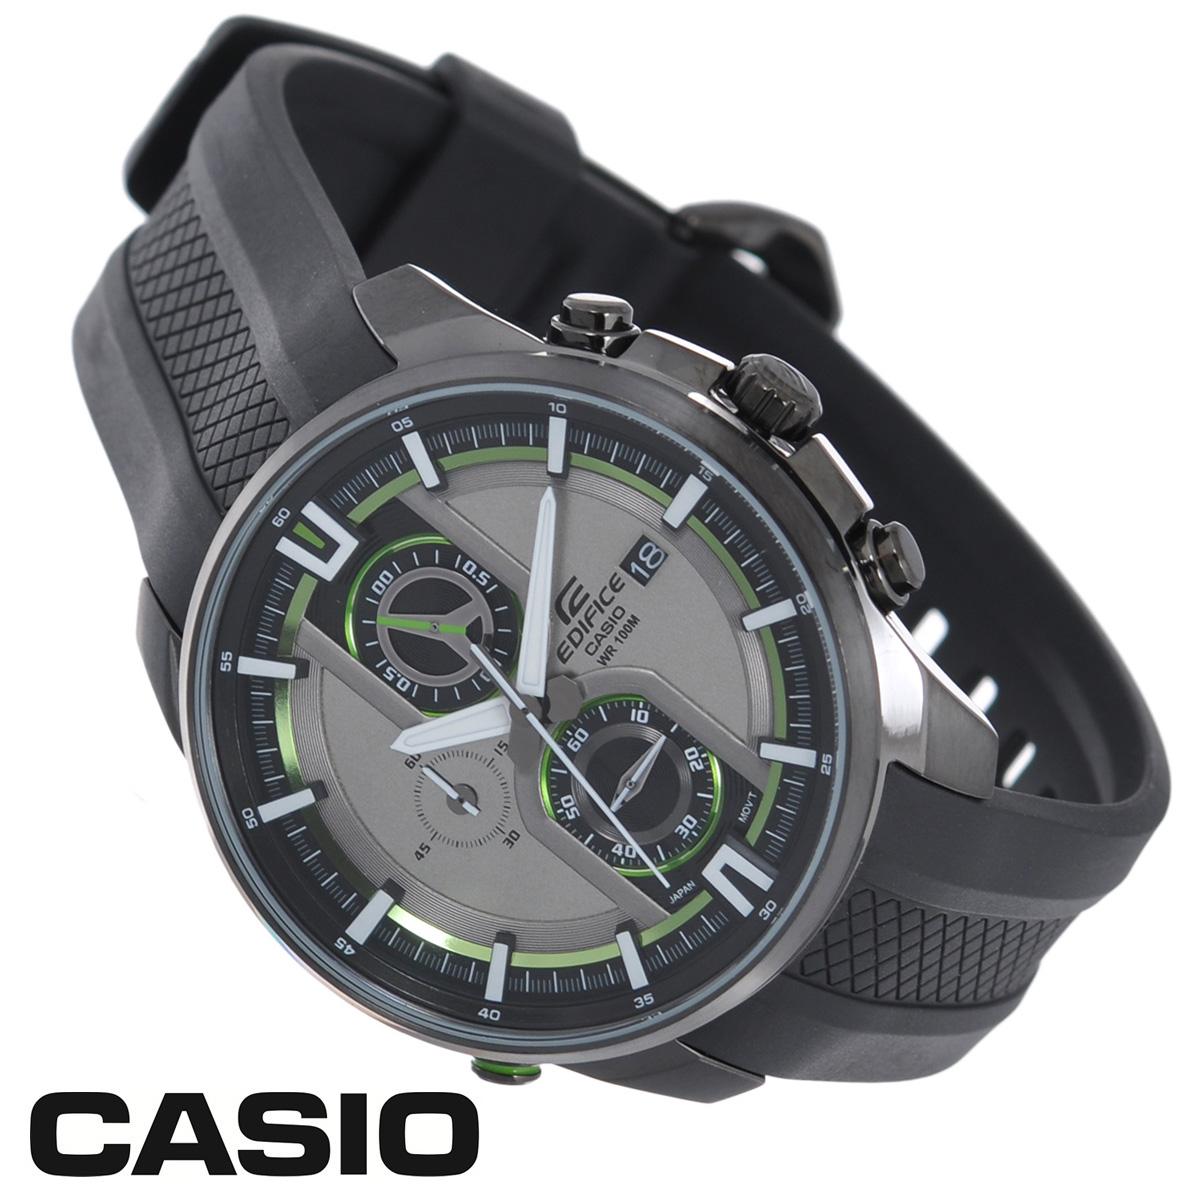 Часы мужские наручные Casio Edifice, цвет: темно-серый. EFR-533PB-8AEFR-533PB-8AСтильные кварцевые часы Edifice от японского брэнда Casio - это яркий функциональный аксессуар для современных людей, которые стремятся выделиться из толпы и подчеркнуть свою индивидуальность. Корпус часов выполнен из стали с IP-покрытием. Циферблат с отметками и тремя стрелками подсвечивается светодиодом разных цветов, защищен минеральным стеклом. Ремешок из пластика имеет классическую застежку. Основные функции: - секундомер с точностью показаний 1/10 с и временем измерения 1 ч; - индикатор даты; - водозащита 100 м. Питание от сменной батарейки. Часы упакованы в фирменную коробку с логотипом Casio. Такой аксессуар добавит вашему образу стиля и подчеркнет безупречный вкус своего владельца. Характеристики: Диаметр циферблата: 4 см. Размер корпуса: 4,9 см х 4,5 см х 1,4 см. Длина ремешка (с корпусом): 25,5 см. Ширина ремешка: 2,1 см. DY STAINLESS STELL.